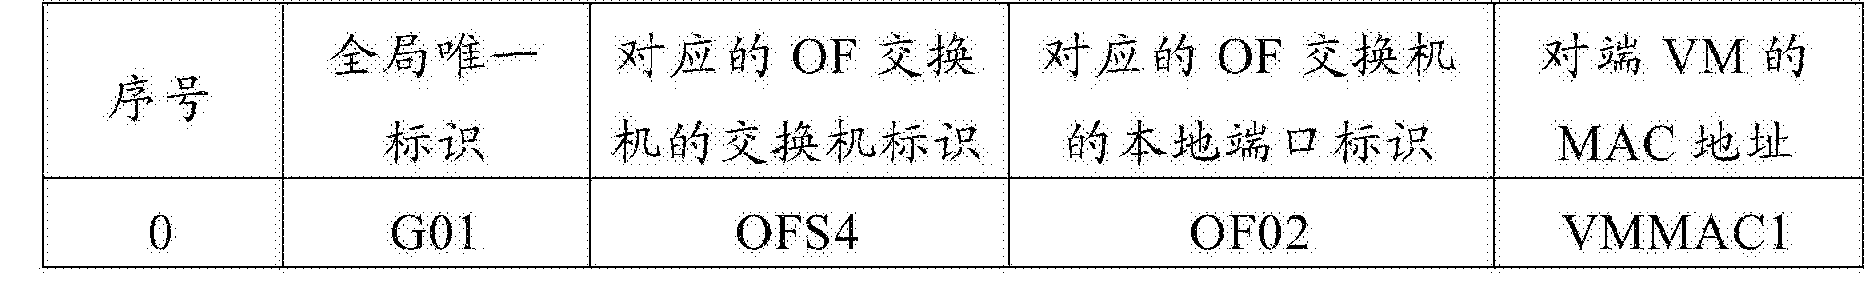 Figure CN104253770BD00121